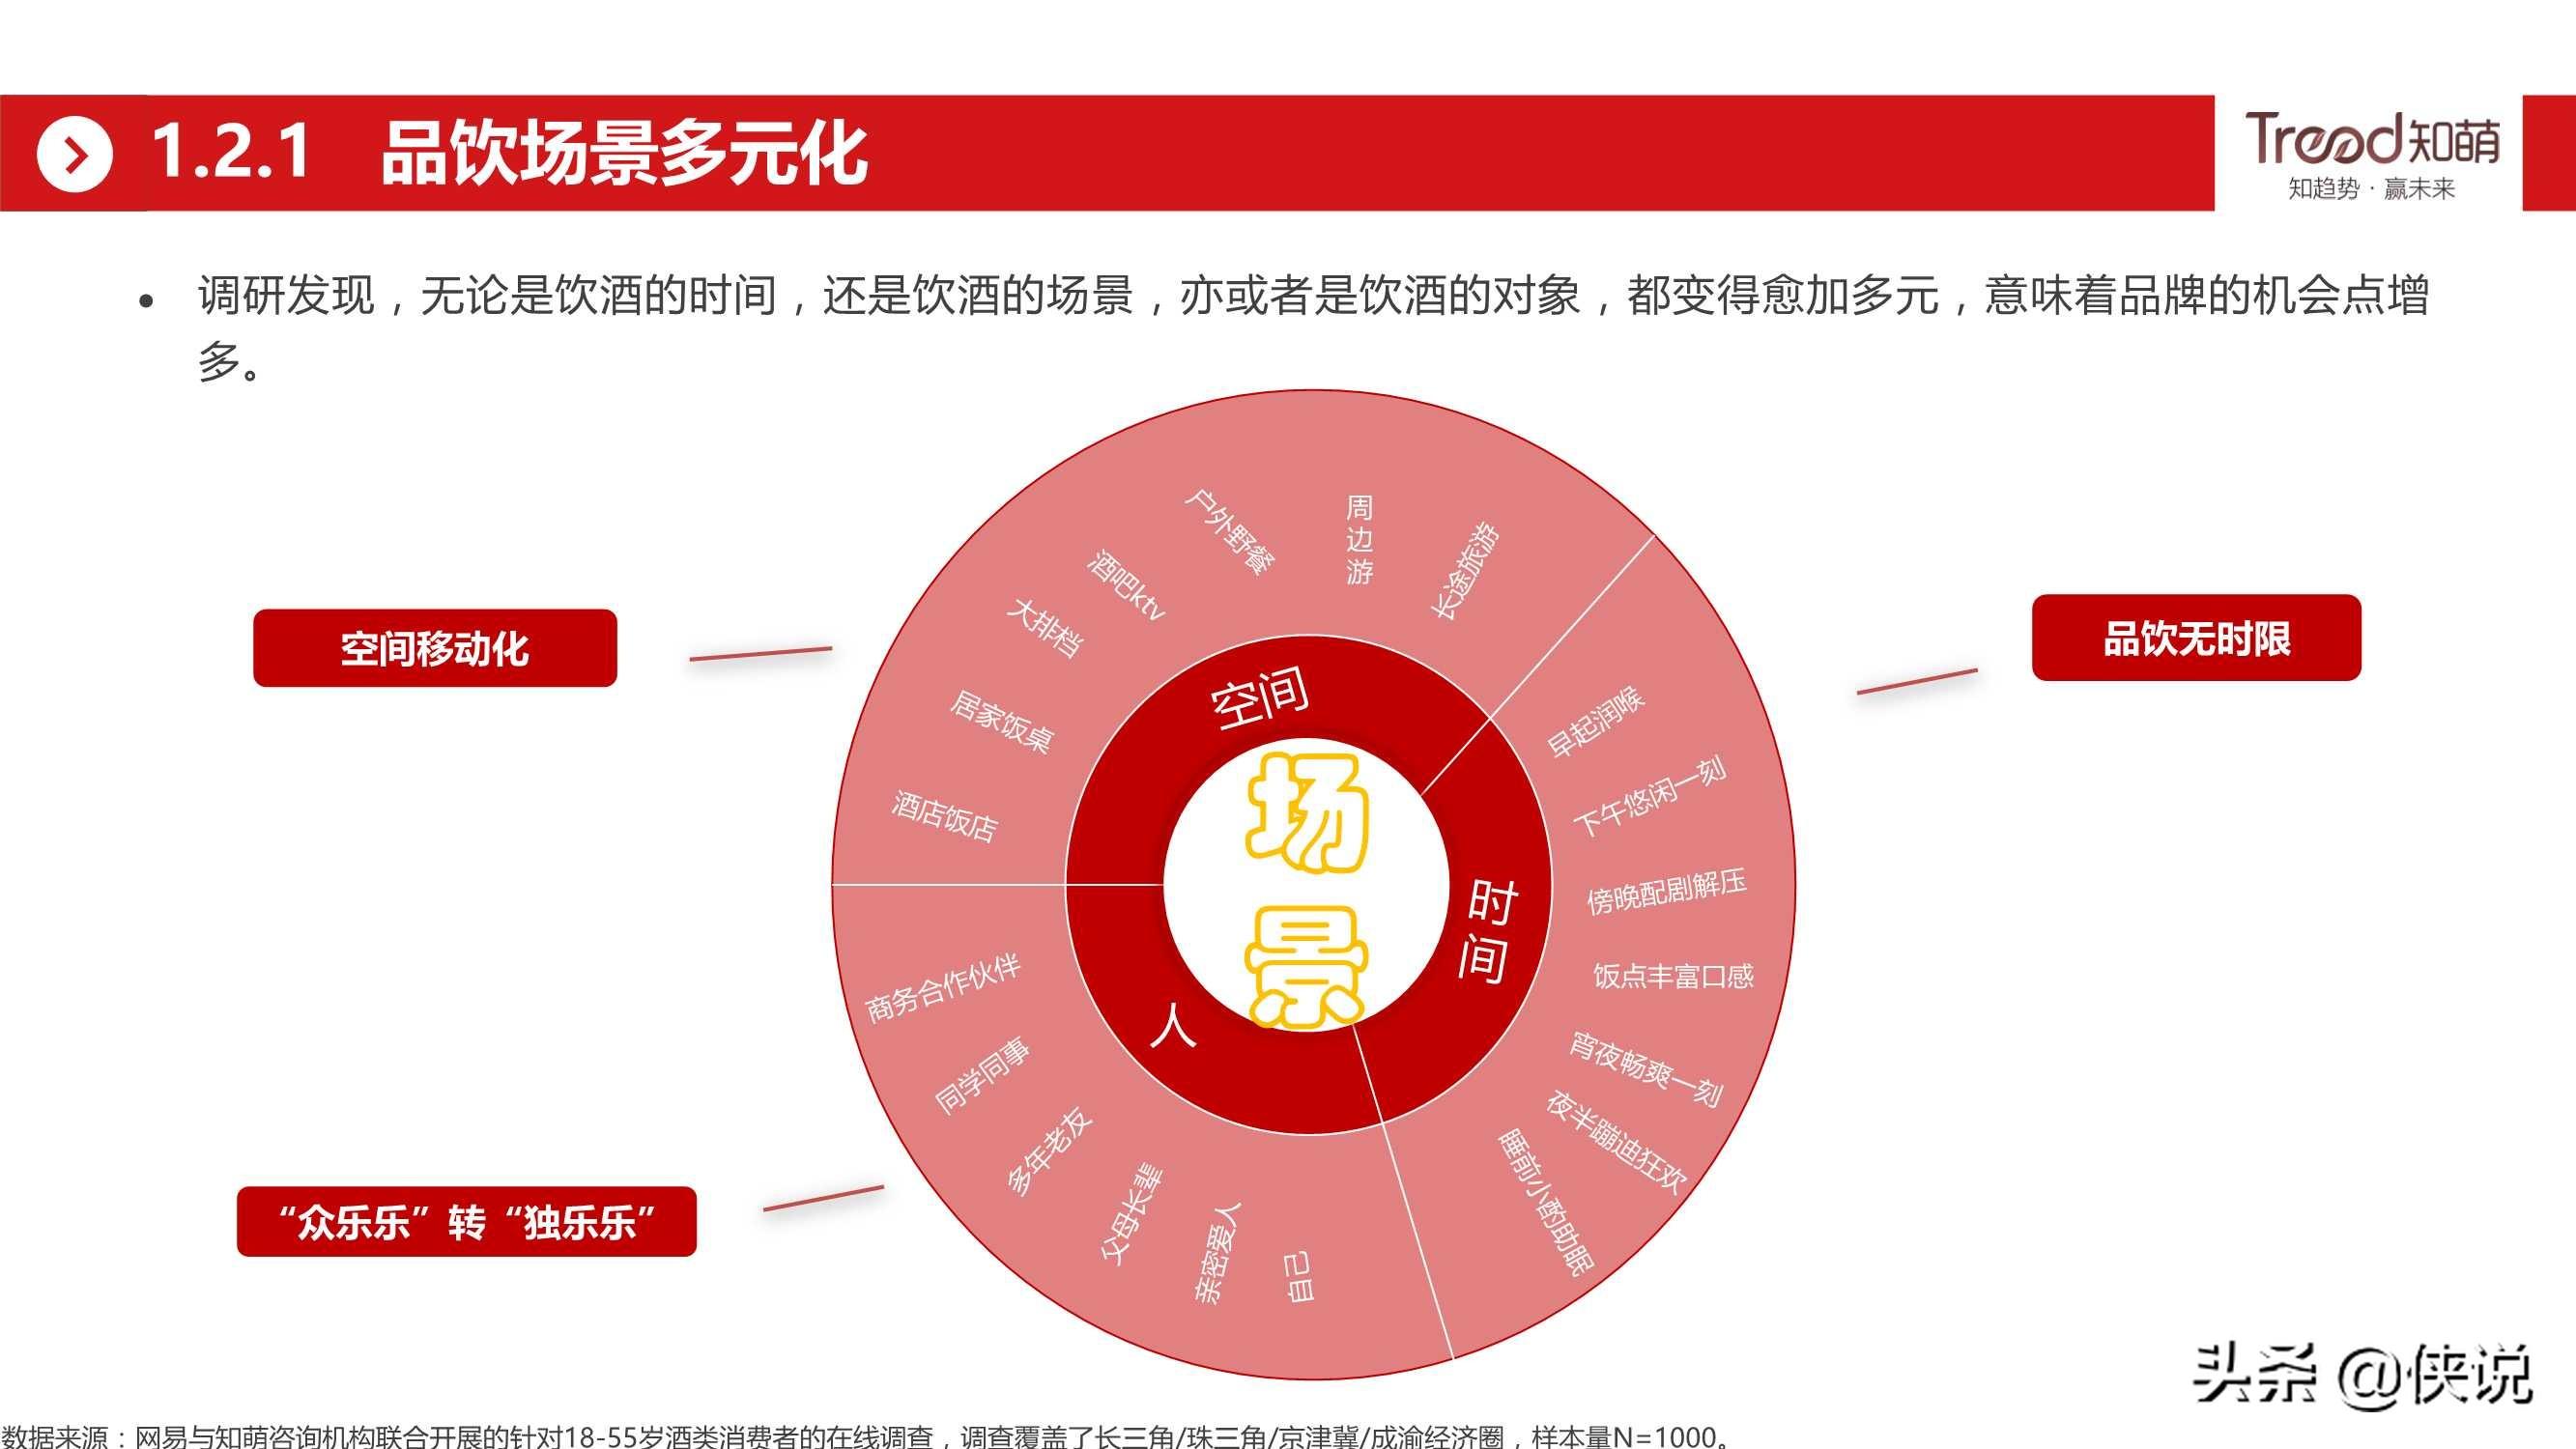 网易&知萌:2020酒行业睿享生活消费趋势报告(185页)